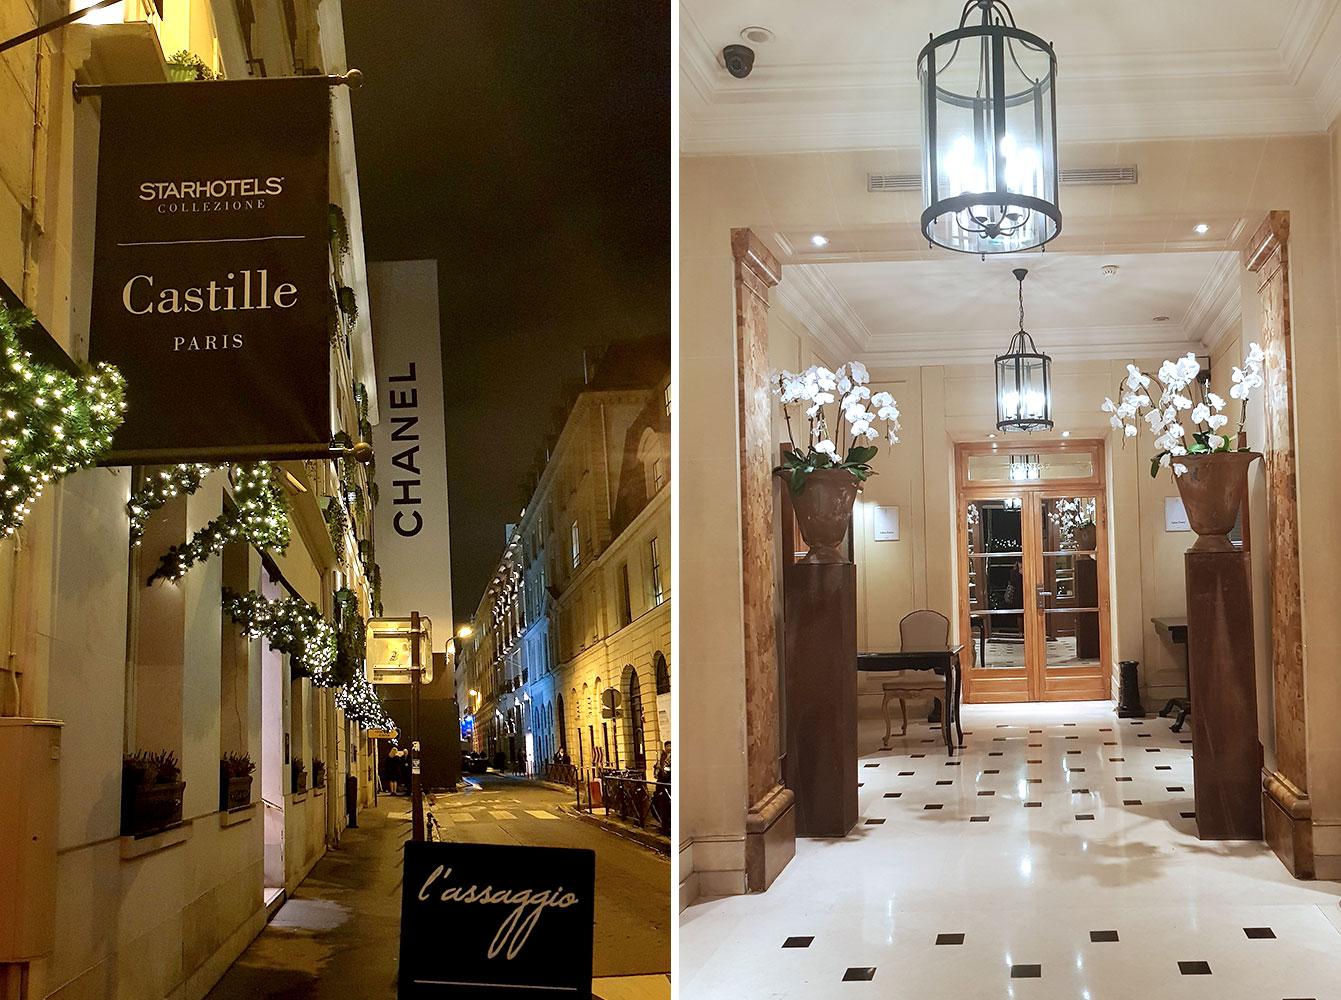 l'hôtel Castille